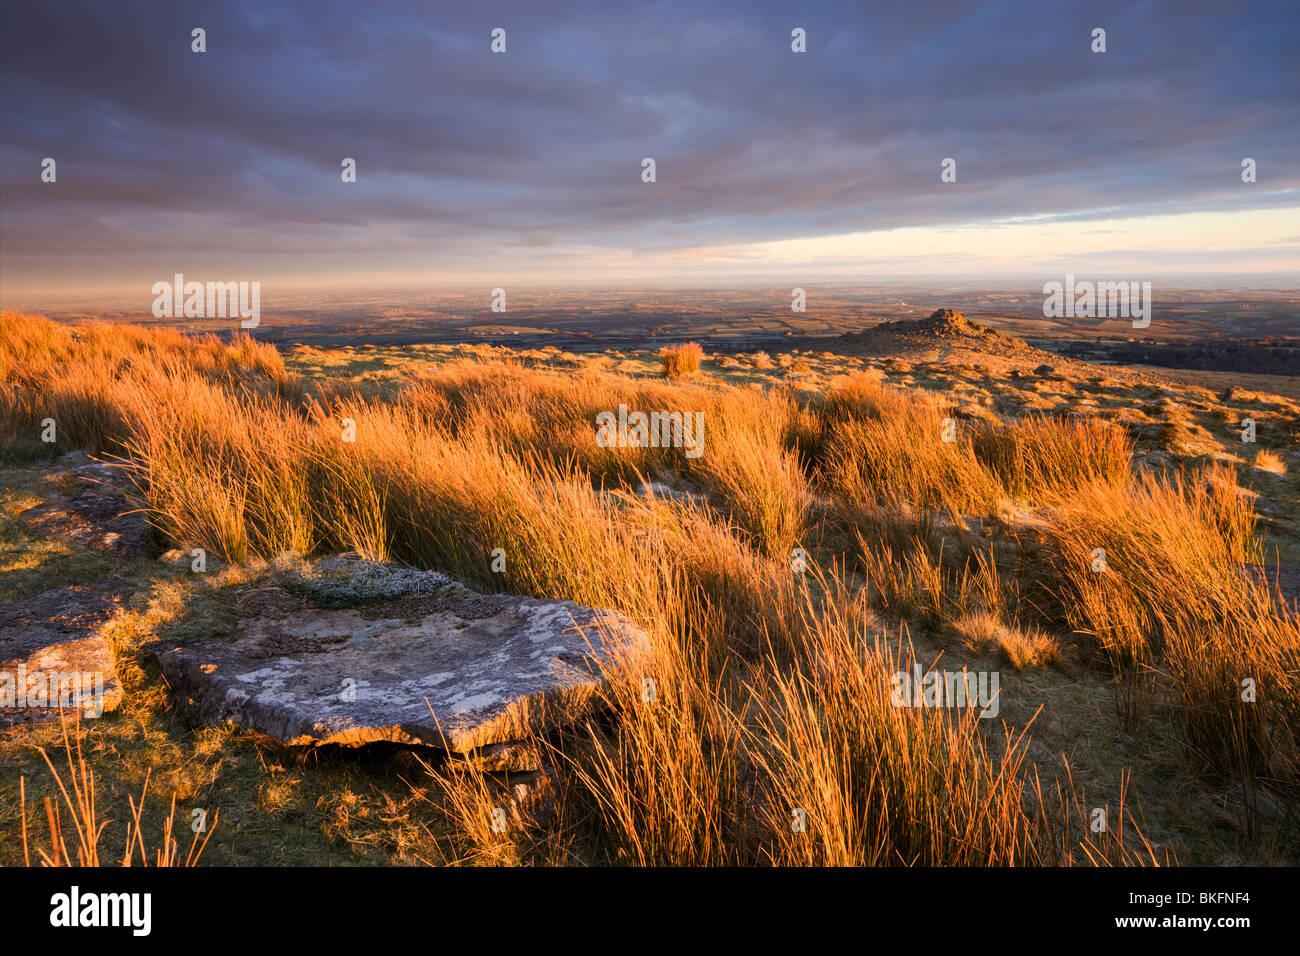 Lumière dorée sur la lande à Belstone Tor, Dartmoor National Park, Devon, Angleterre. Hiver (décembre) Photo Stock